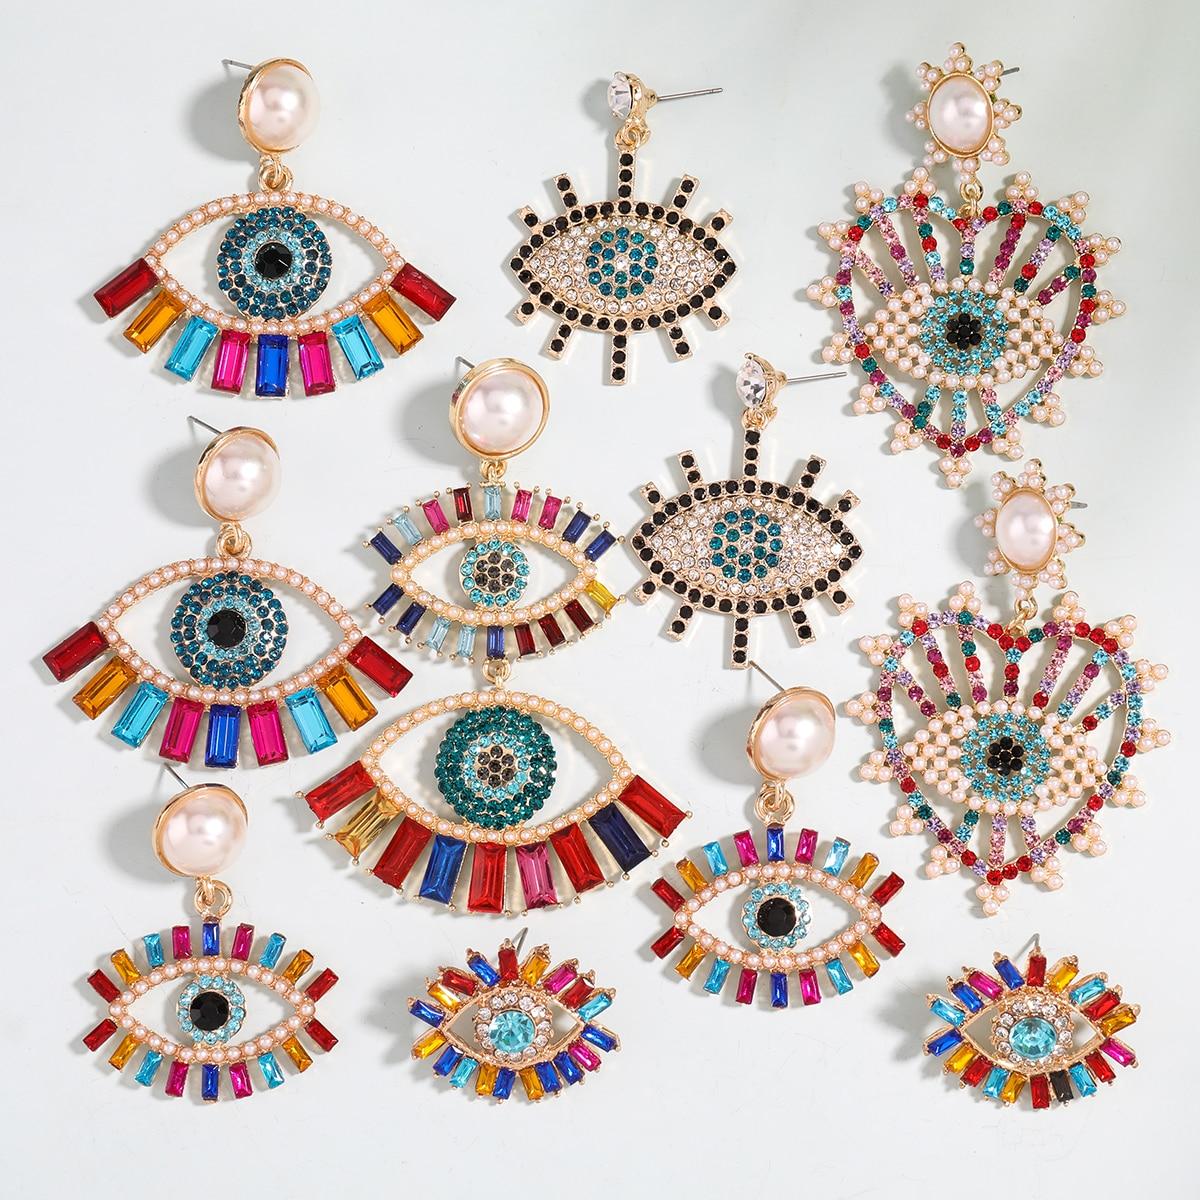 Женские серьги-подвески Pauli Manfi 2020, разноцветные стразы в виде глаз, модные ювелирные аксессуары для кампуса